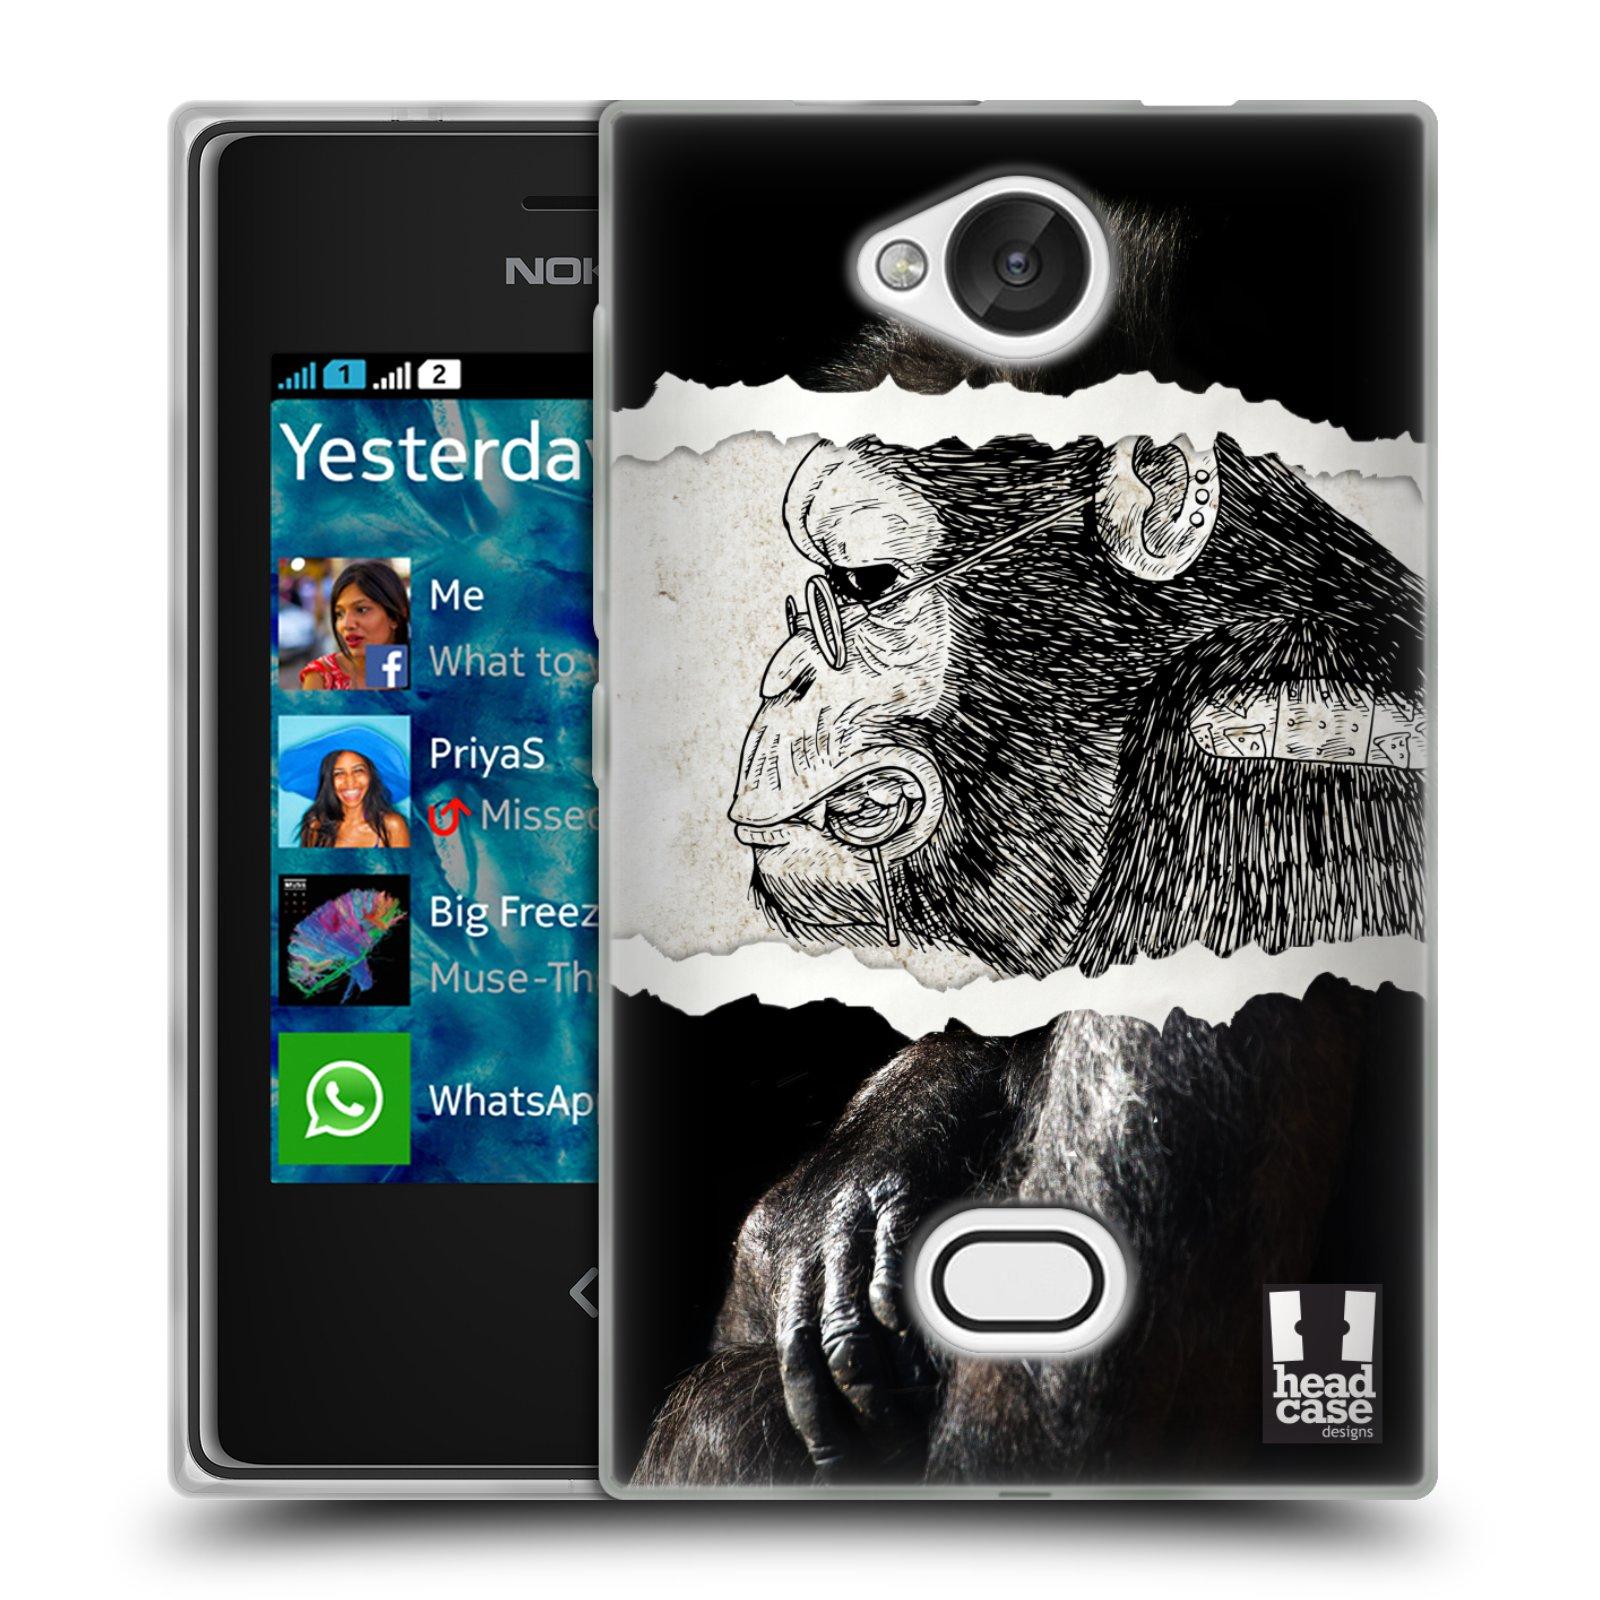 HEAD CASE silikonový obal na mobil NOKIA Asha 503 vzor zvířata koláž opice